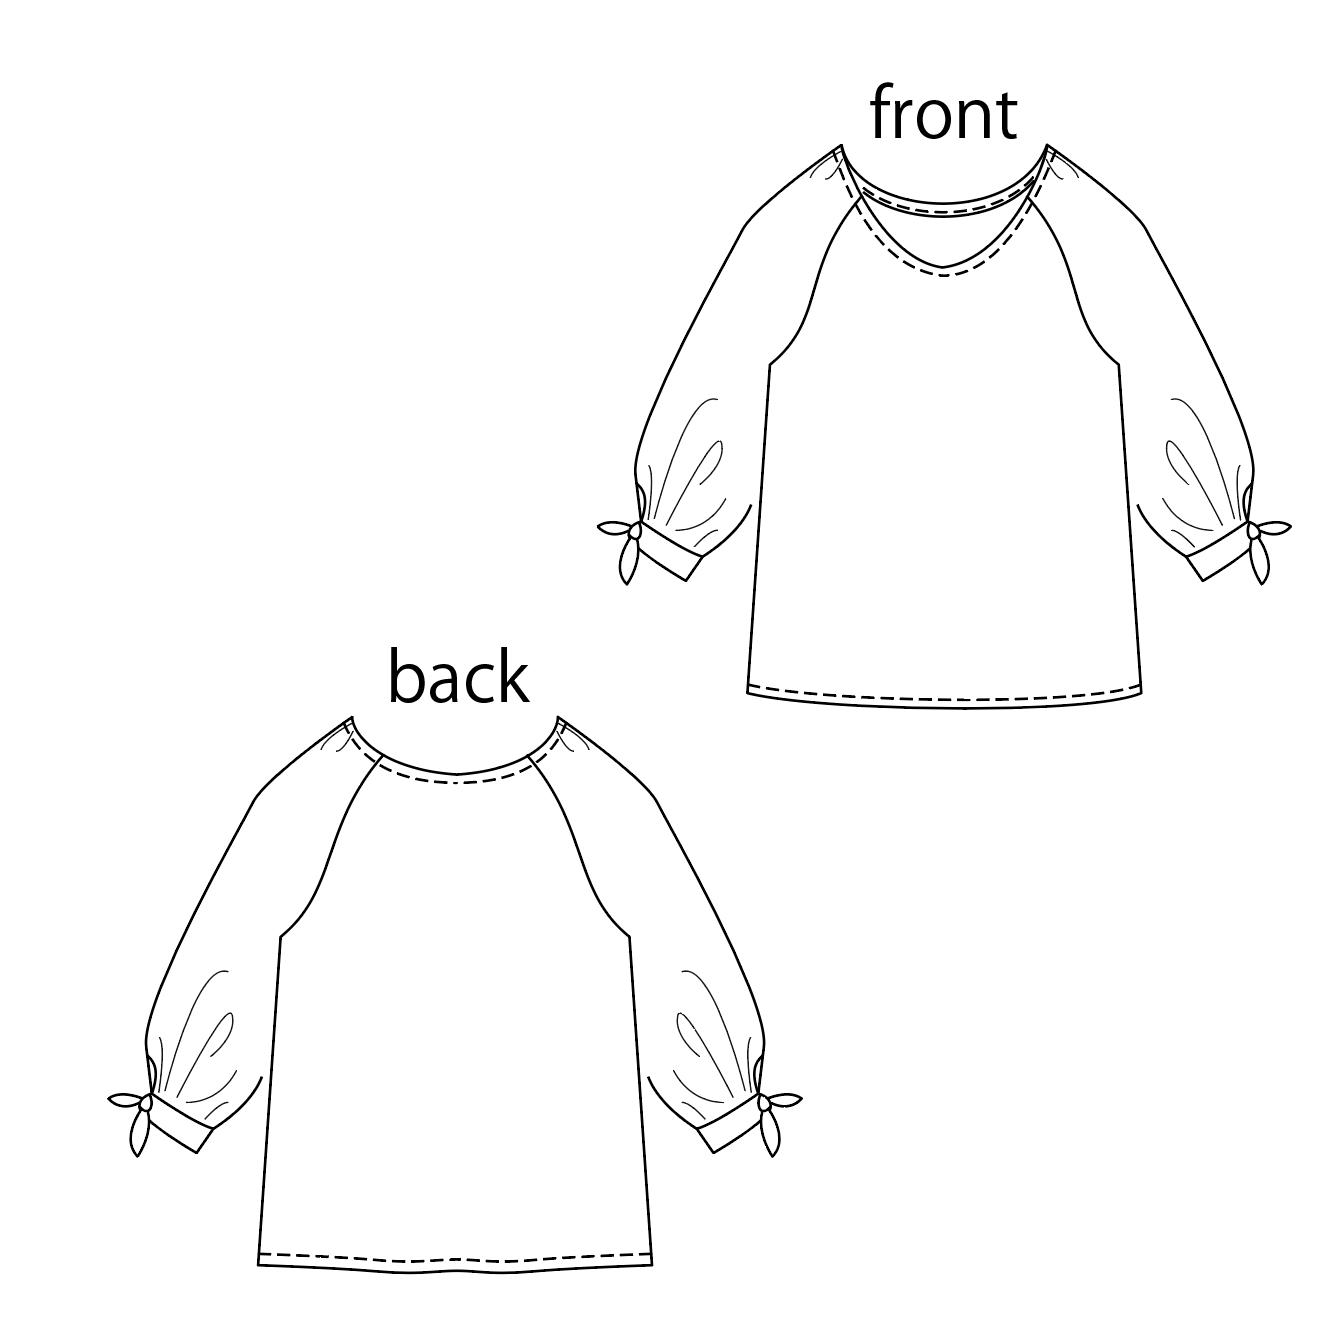 D002  ラグランブラウスの製図PDF